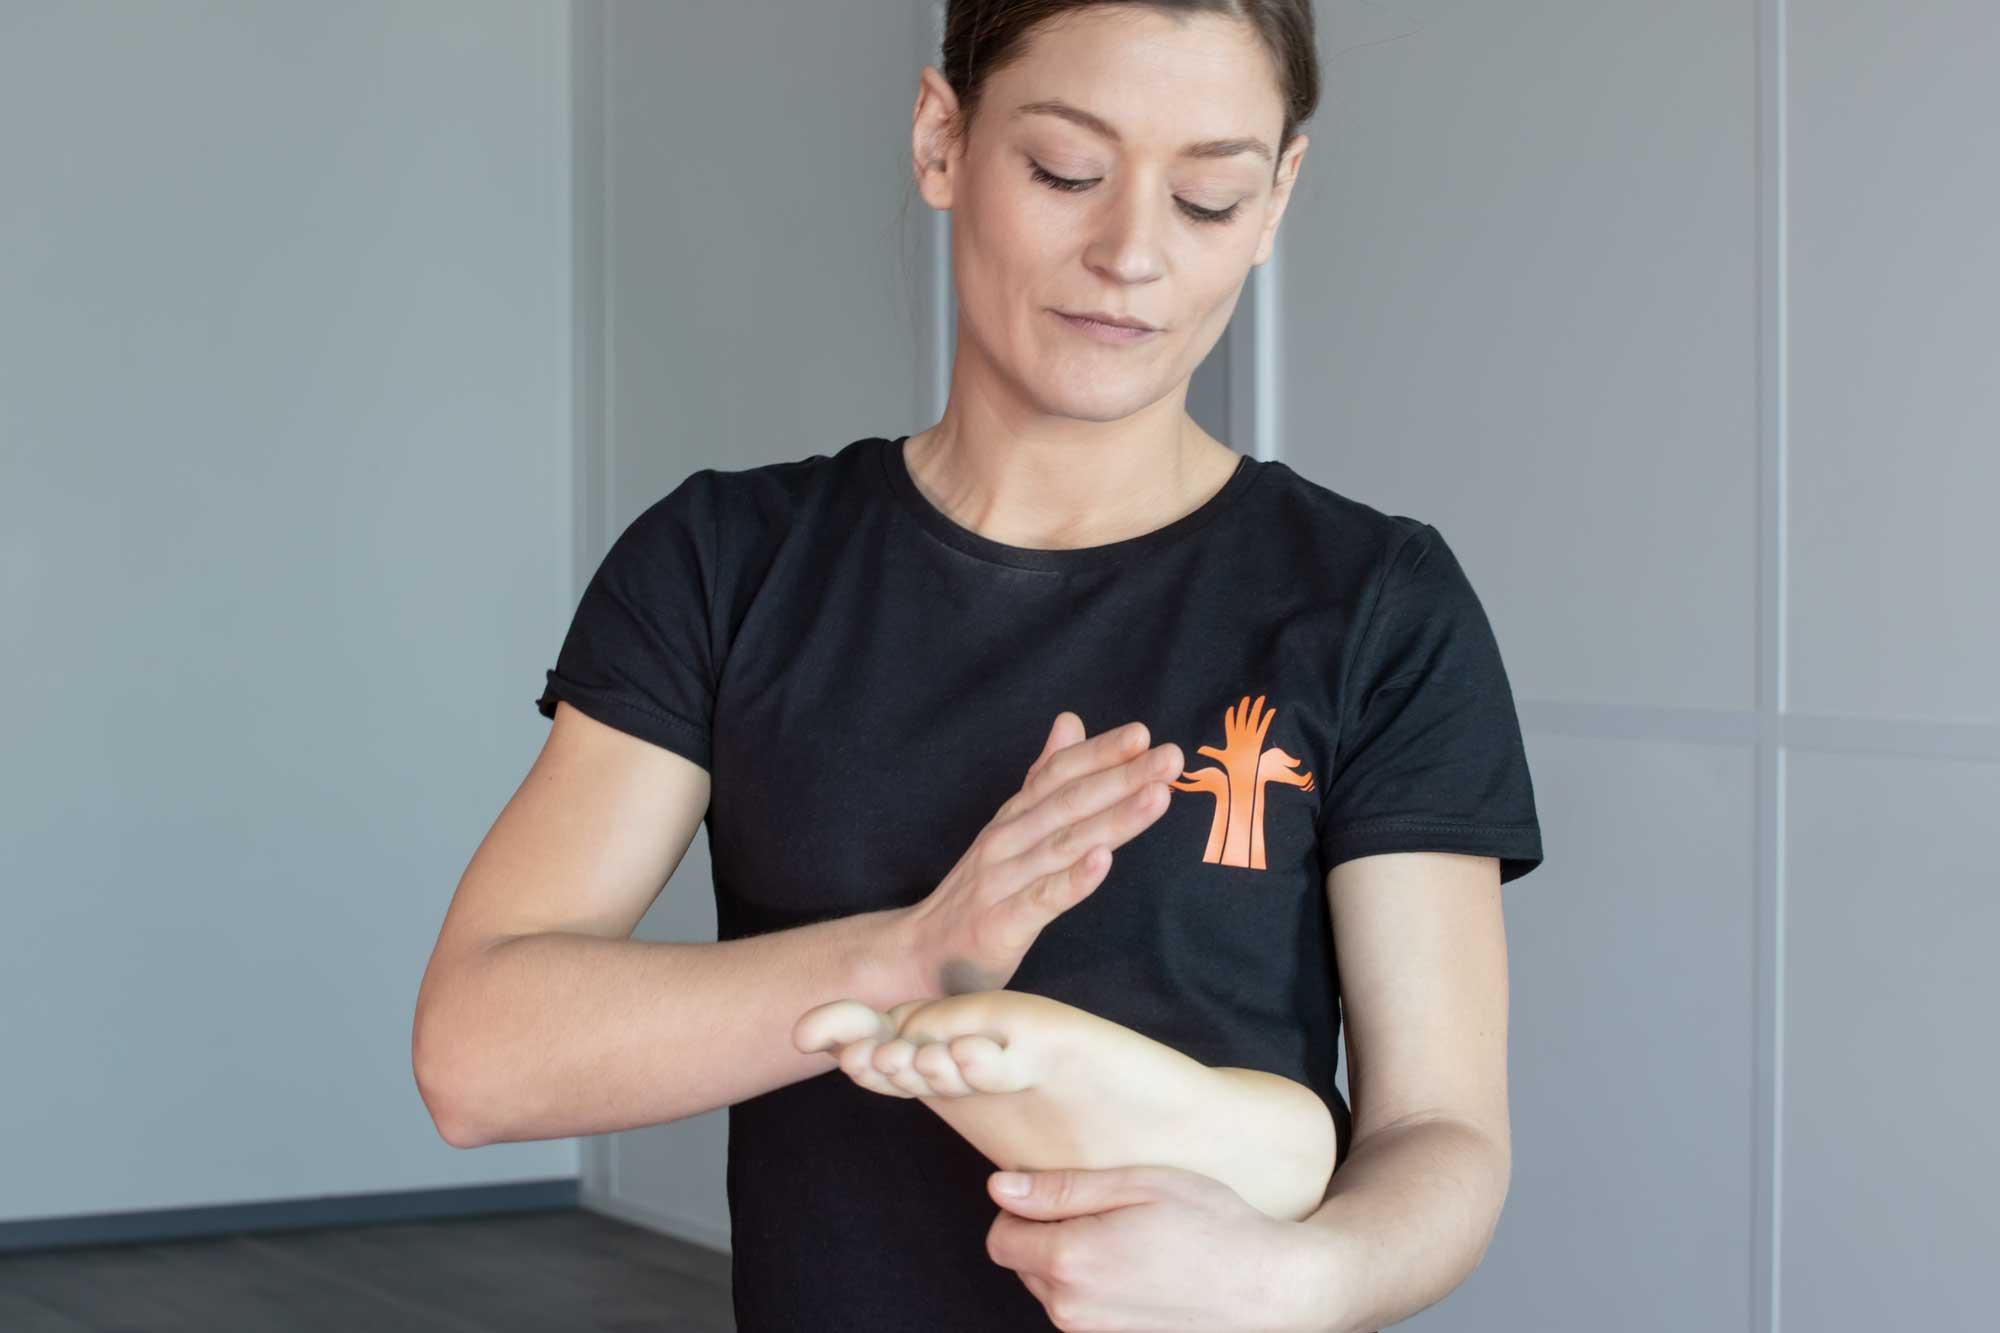 Apprendre le massage : comment s'y prendre ?